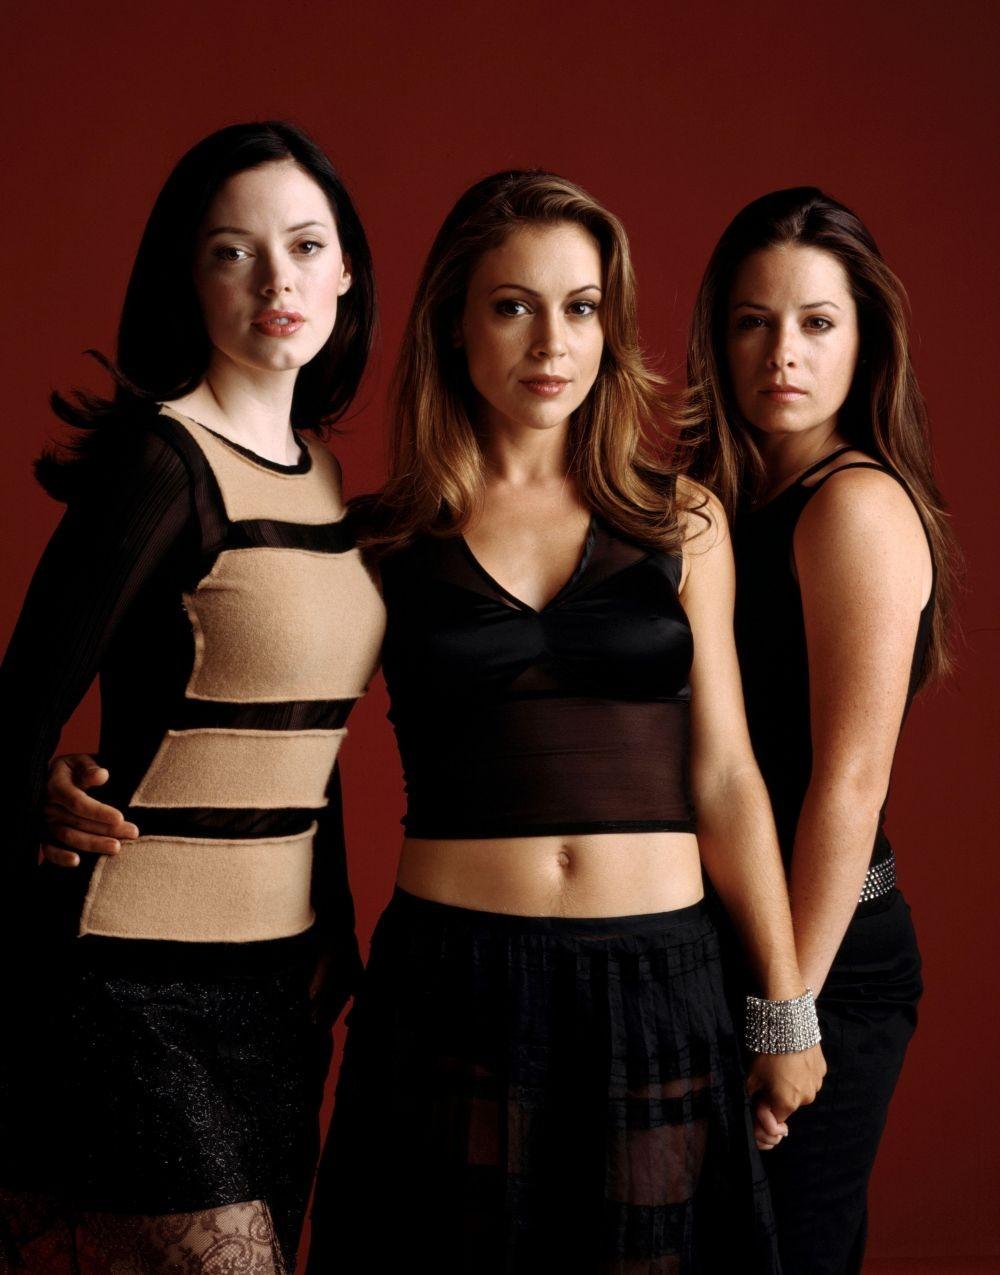 Сериал «Зачарованные» возвращается наэкраны спустя 10 лет